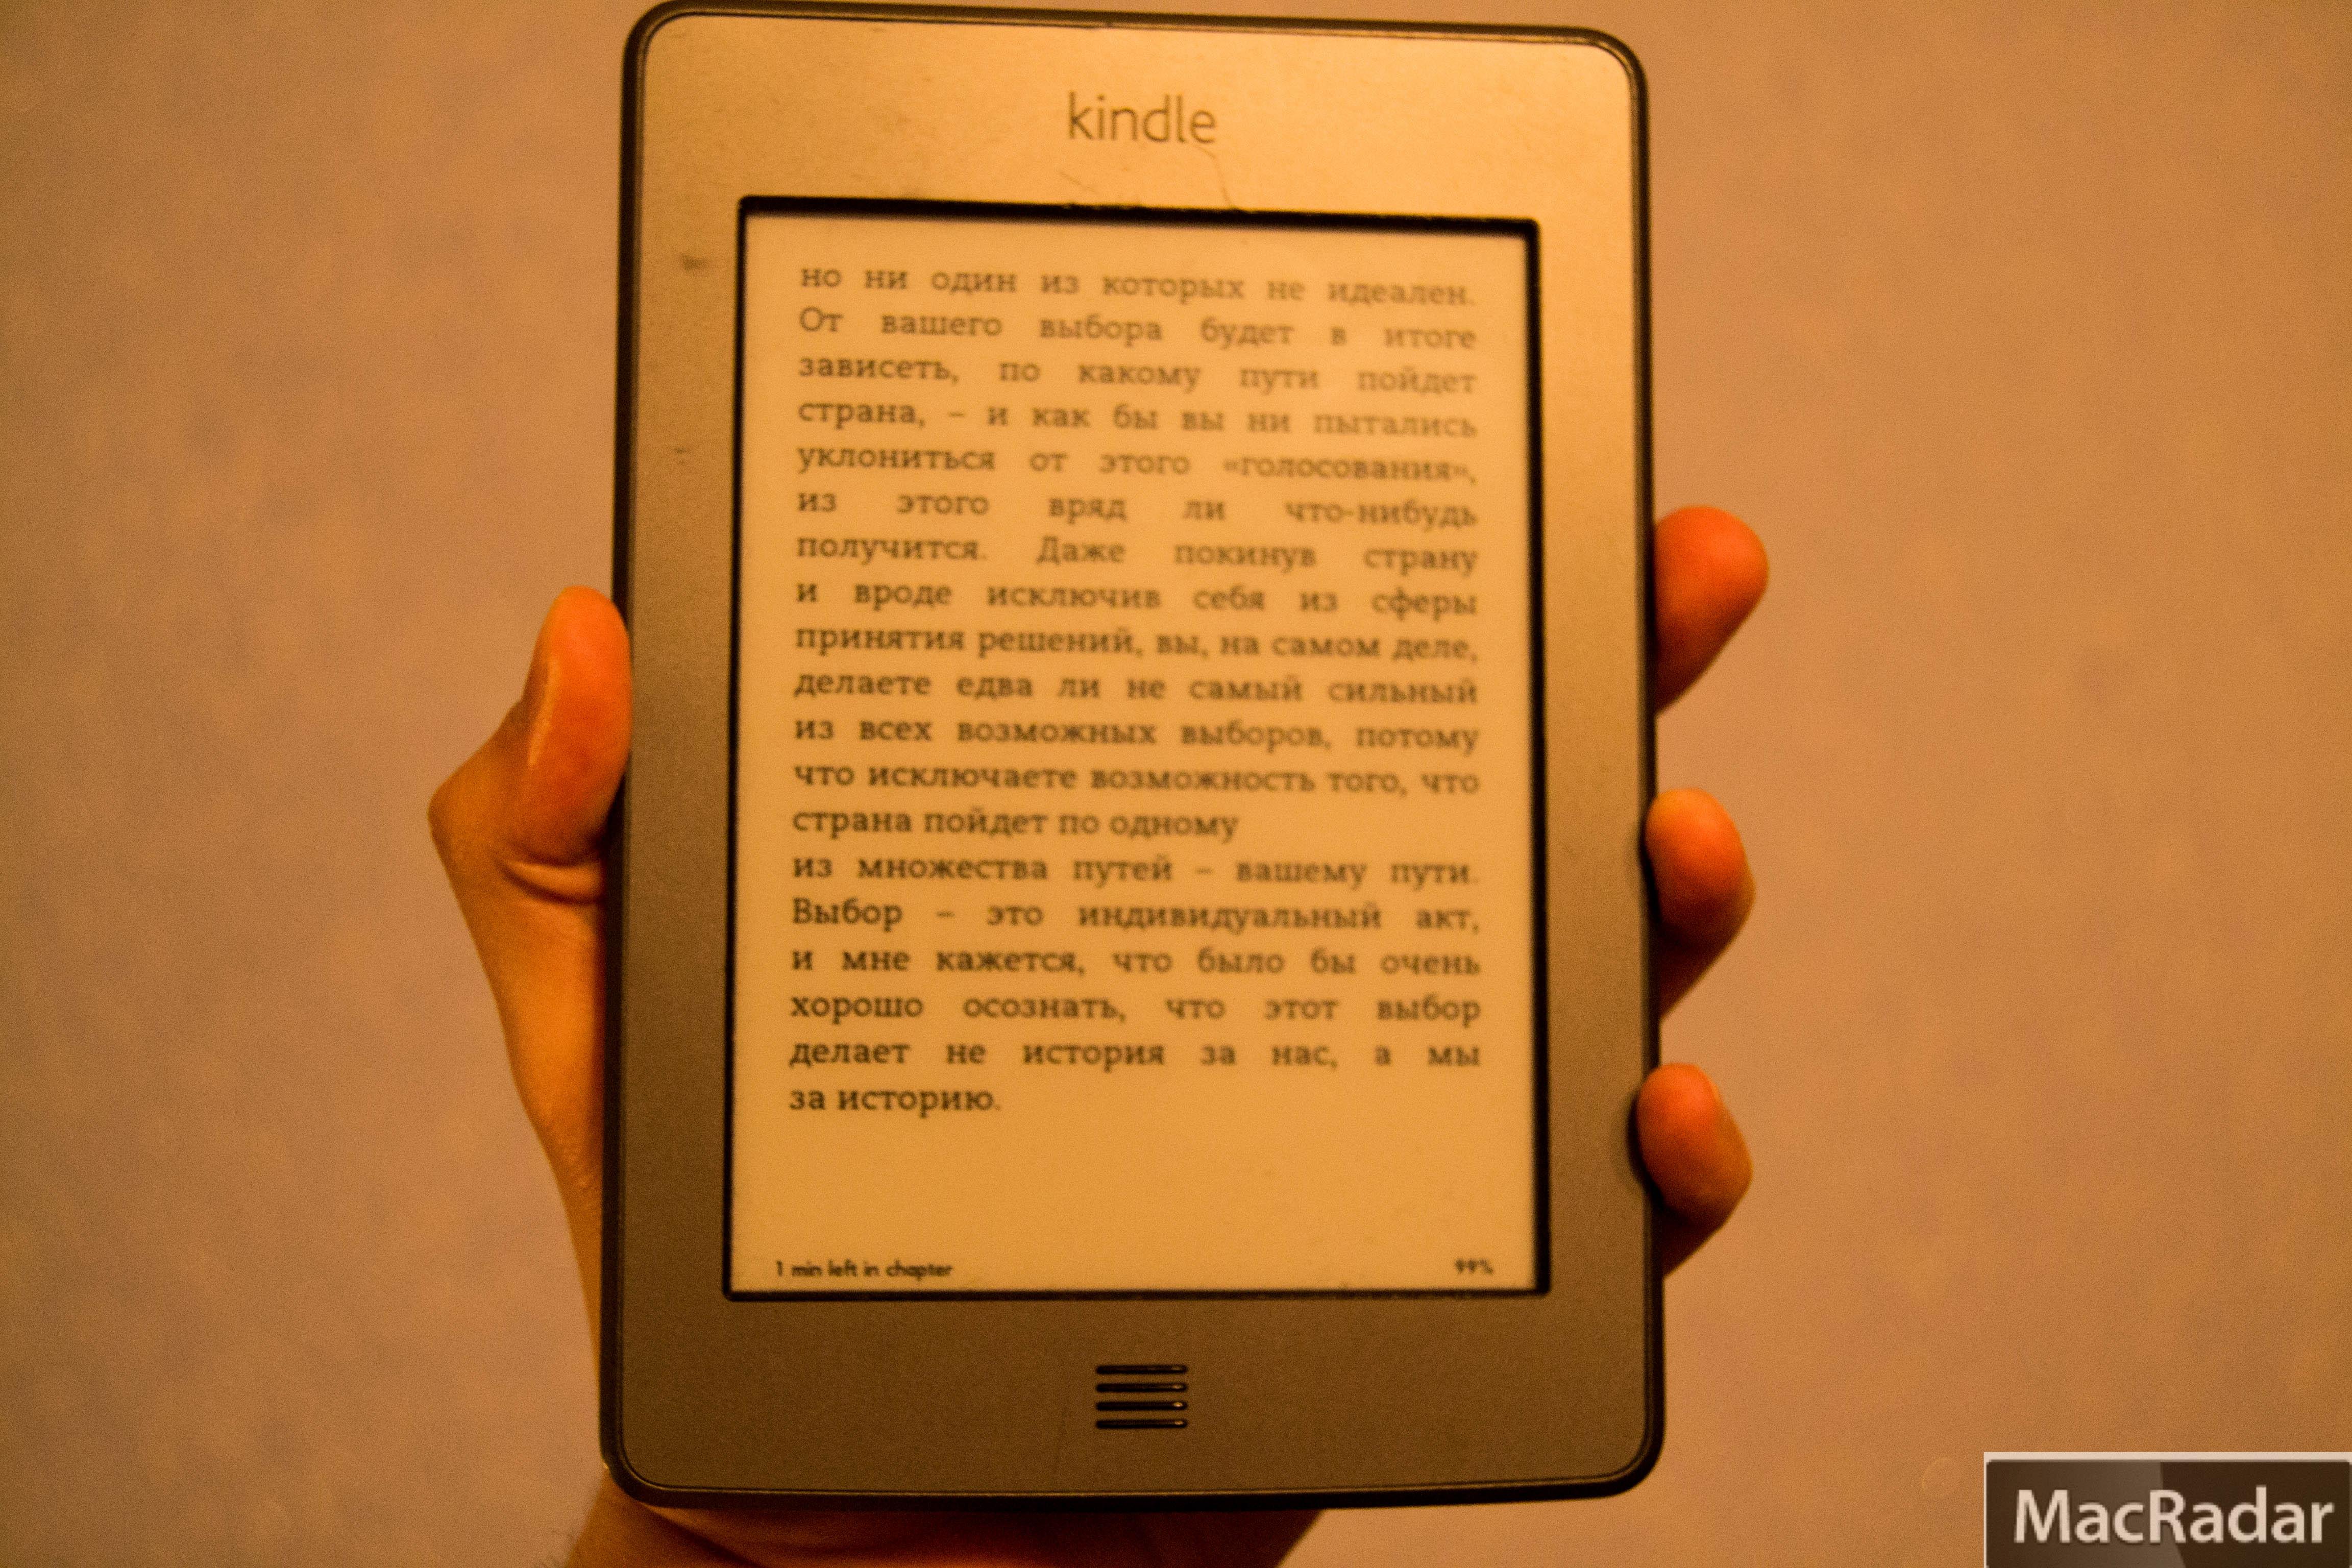 Как сделать чтобы в планшете читать книги